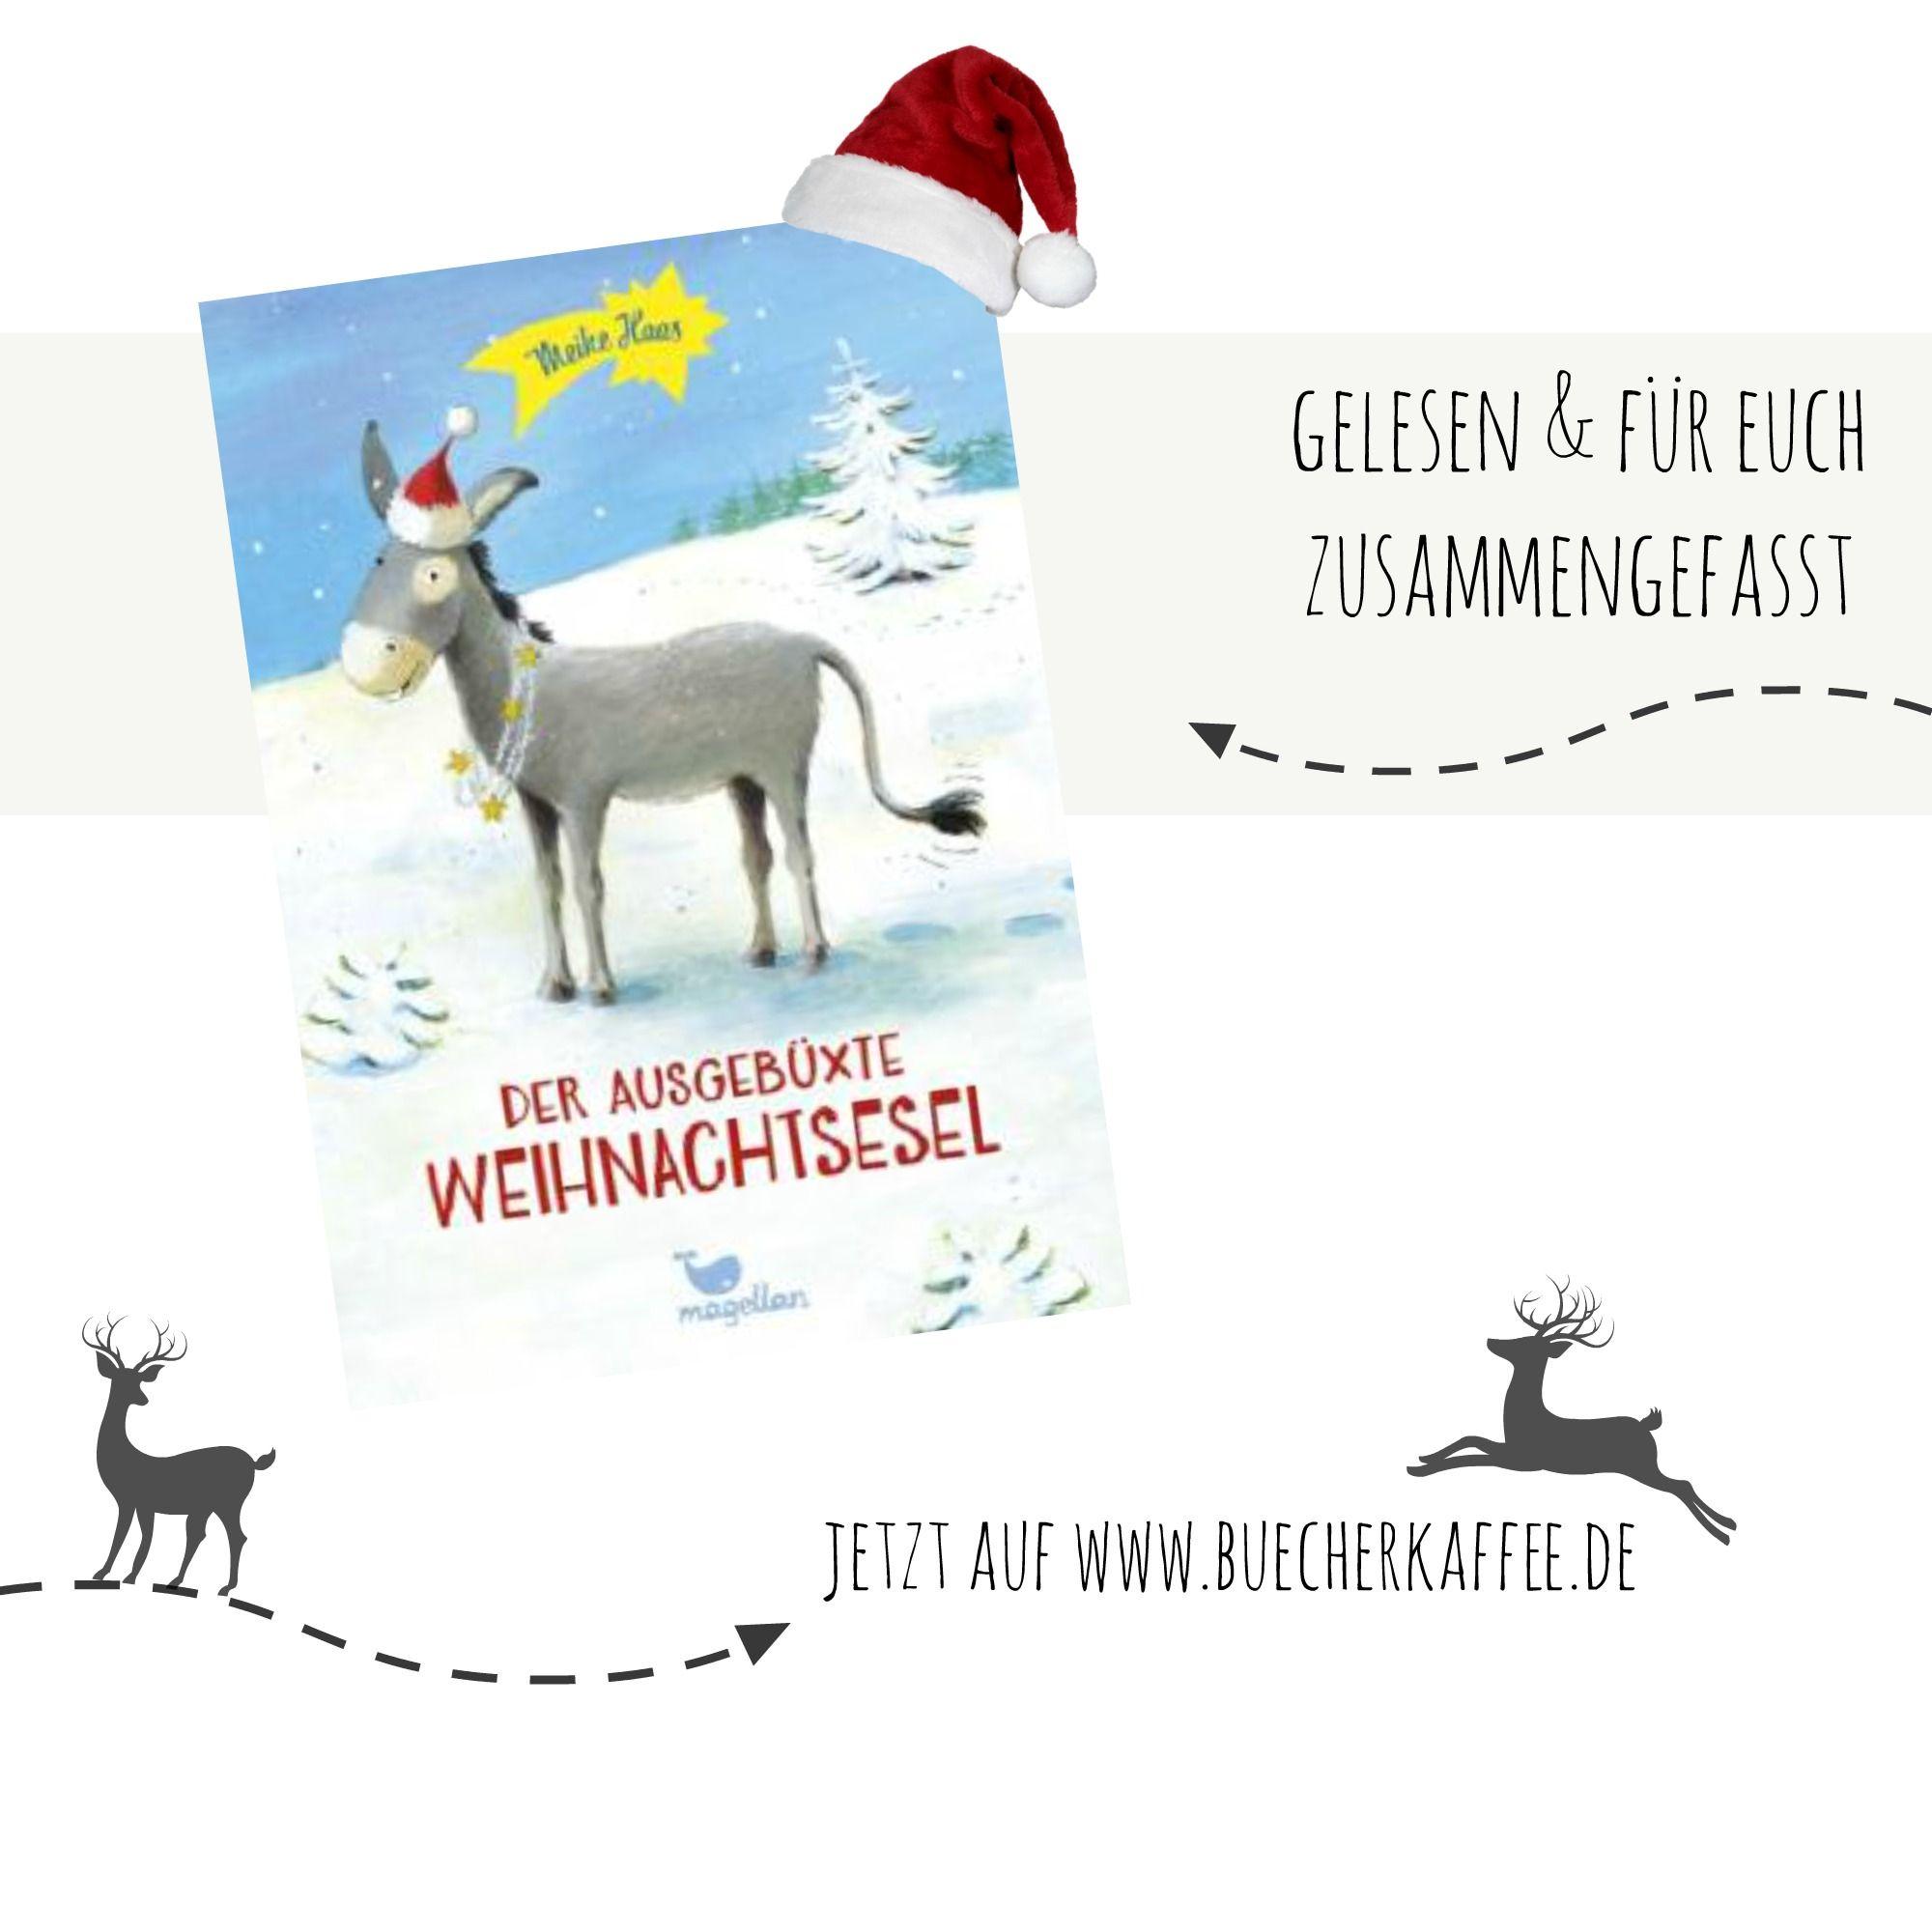 Der ausgebüxte Weihnachtsesel | Meike Haas | Magellan Verlag  --> http://www.buecherkaffee.de/2014/11/rezension-der-ausgebuxte-weihnachtsesel.html  Eine bezaubernde Geschichte zur Weihnachtszeit über Familie und Freundschaft, sehnlichste Wünsche, ideelle und materielle Werte - und wie ein kleiner ausgebüxter Esel Weihnachten rettet.